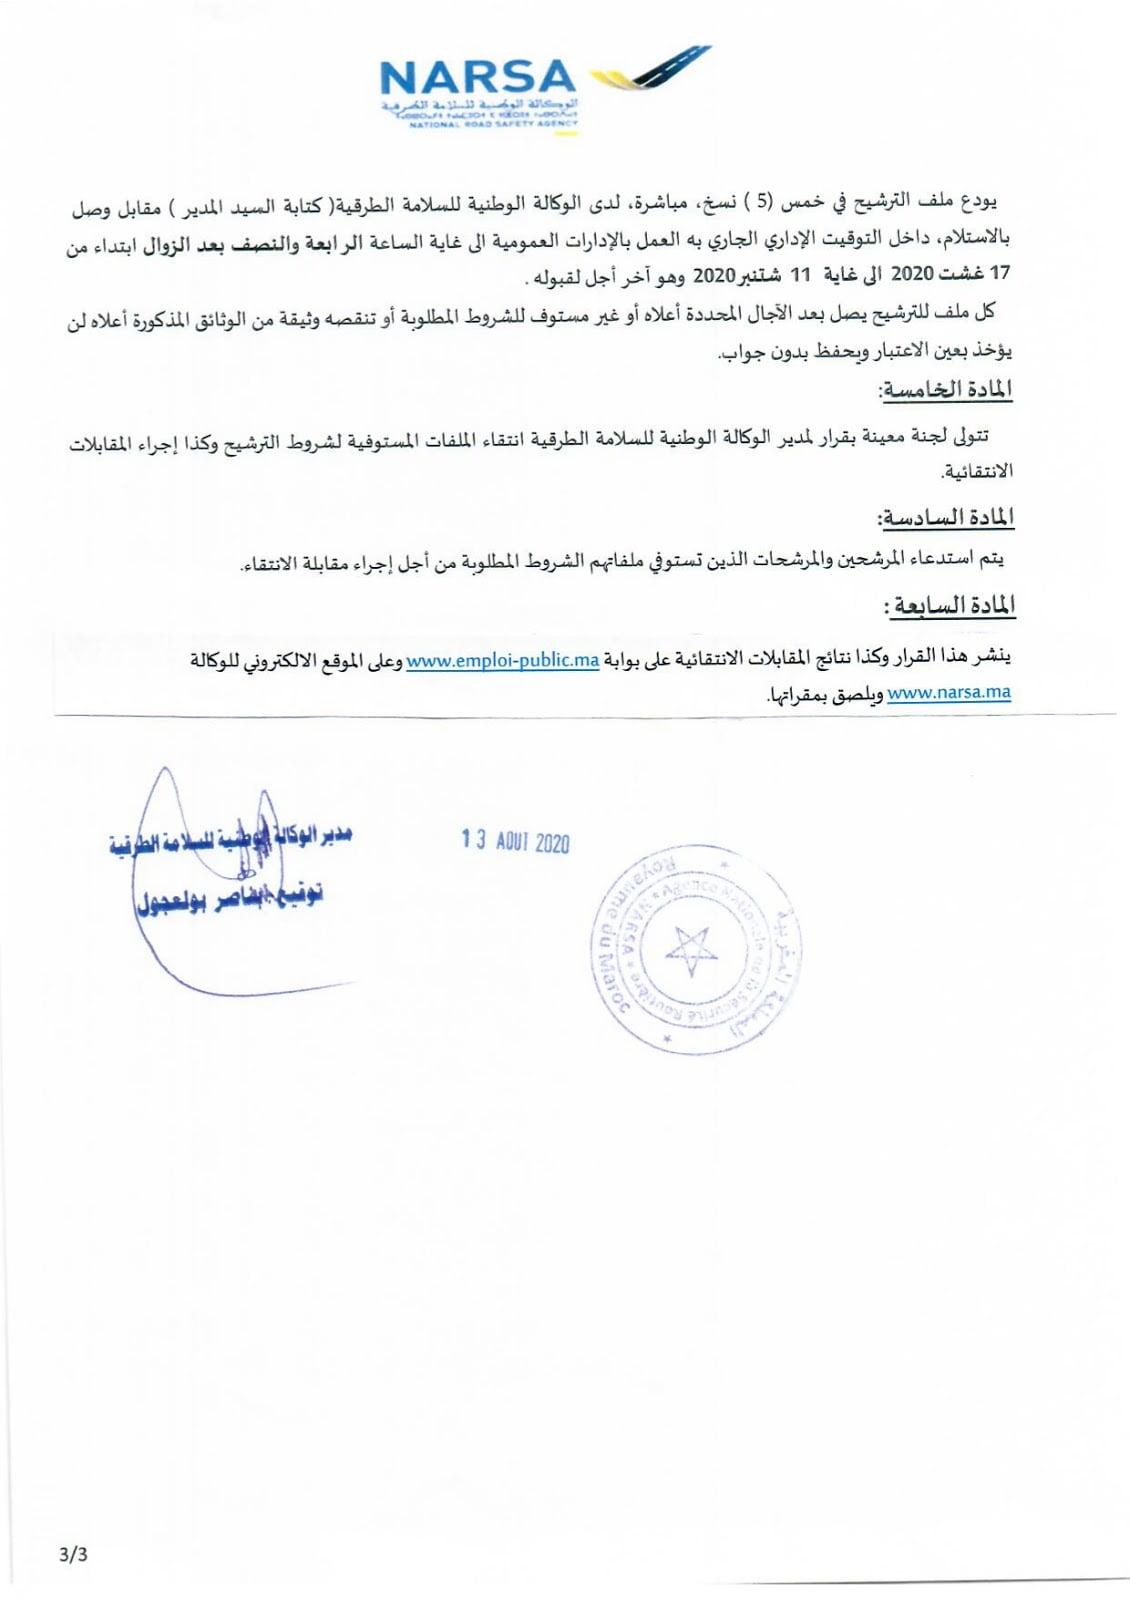 concours الوكالة الوطنية للسلامة الطرقية